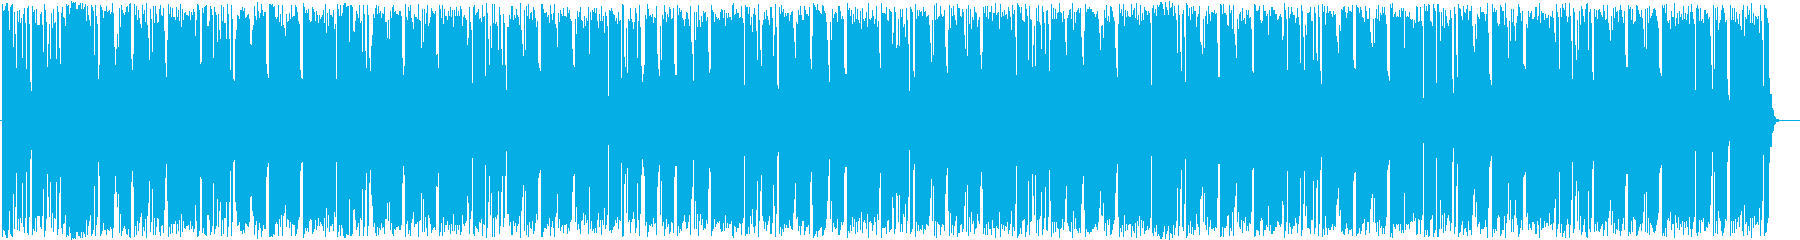 エレクトリックギターのポップスの再生済みの波形